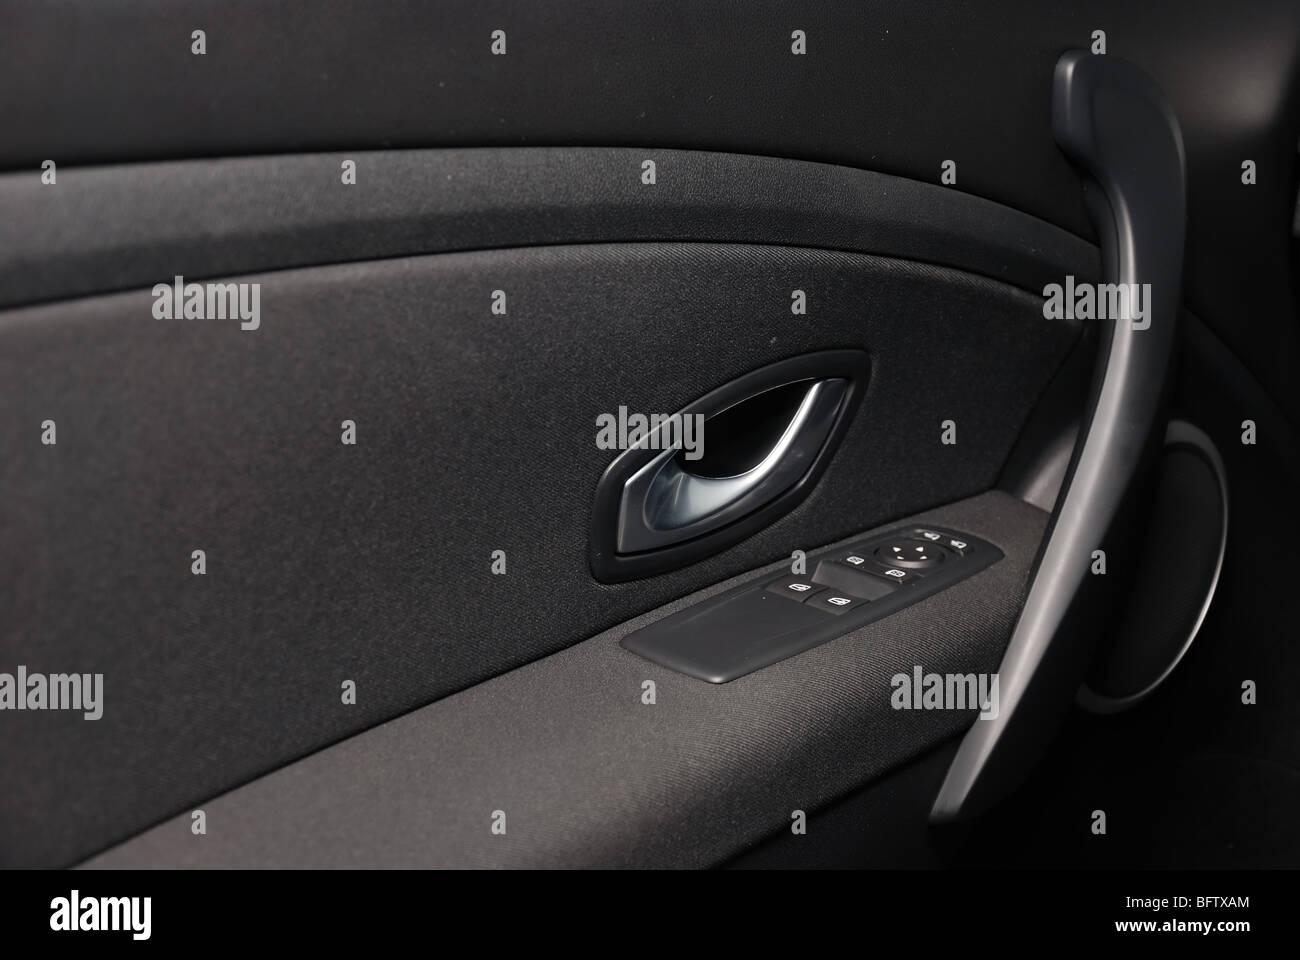 Renault Megane Iii Coupe 2 0 Tce 2009 Black Metallic Two Doors Stock Photo Alamy